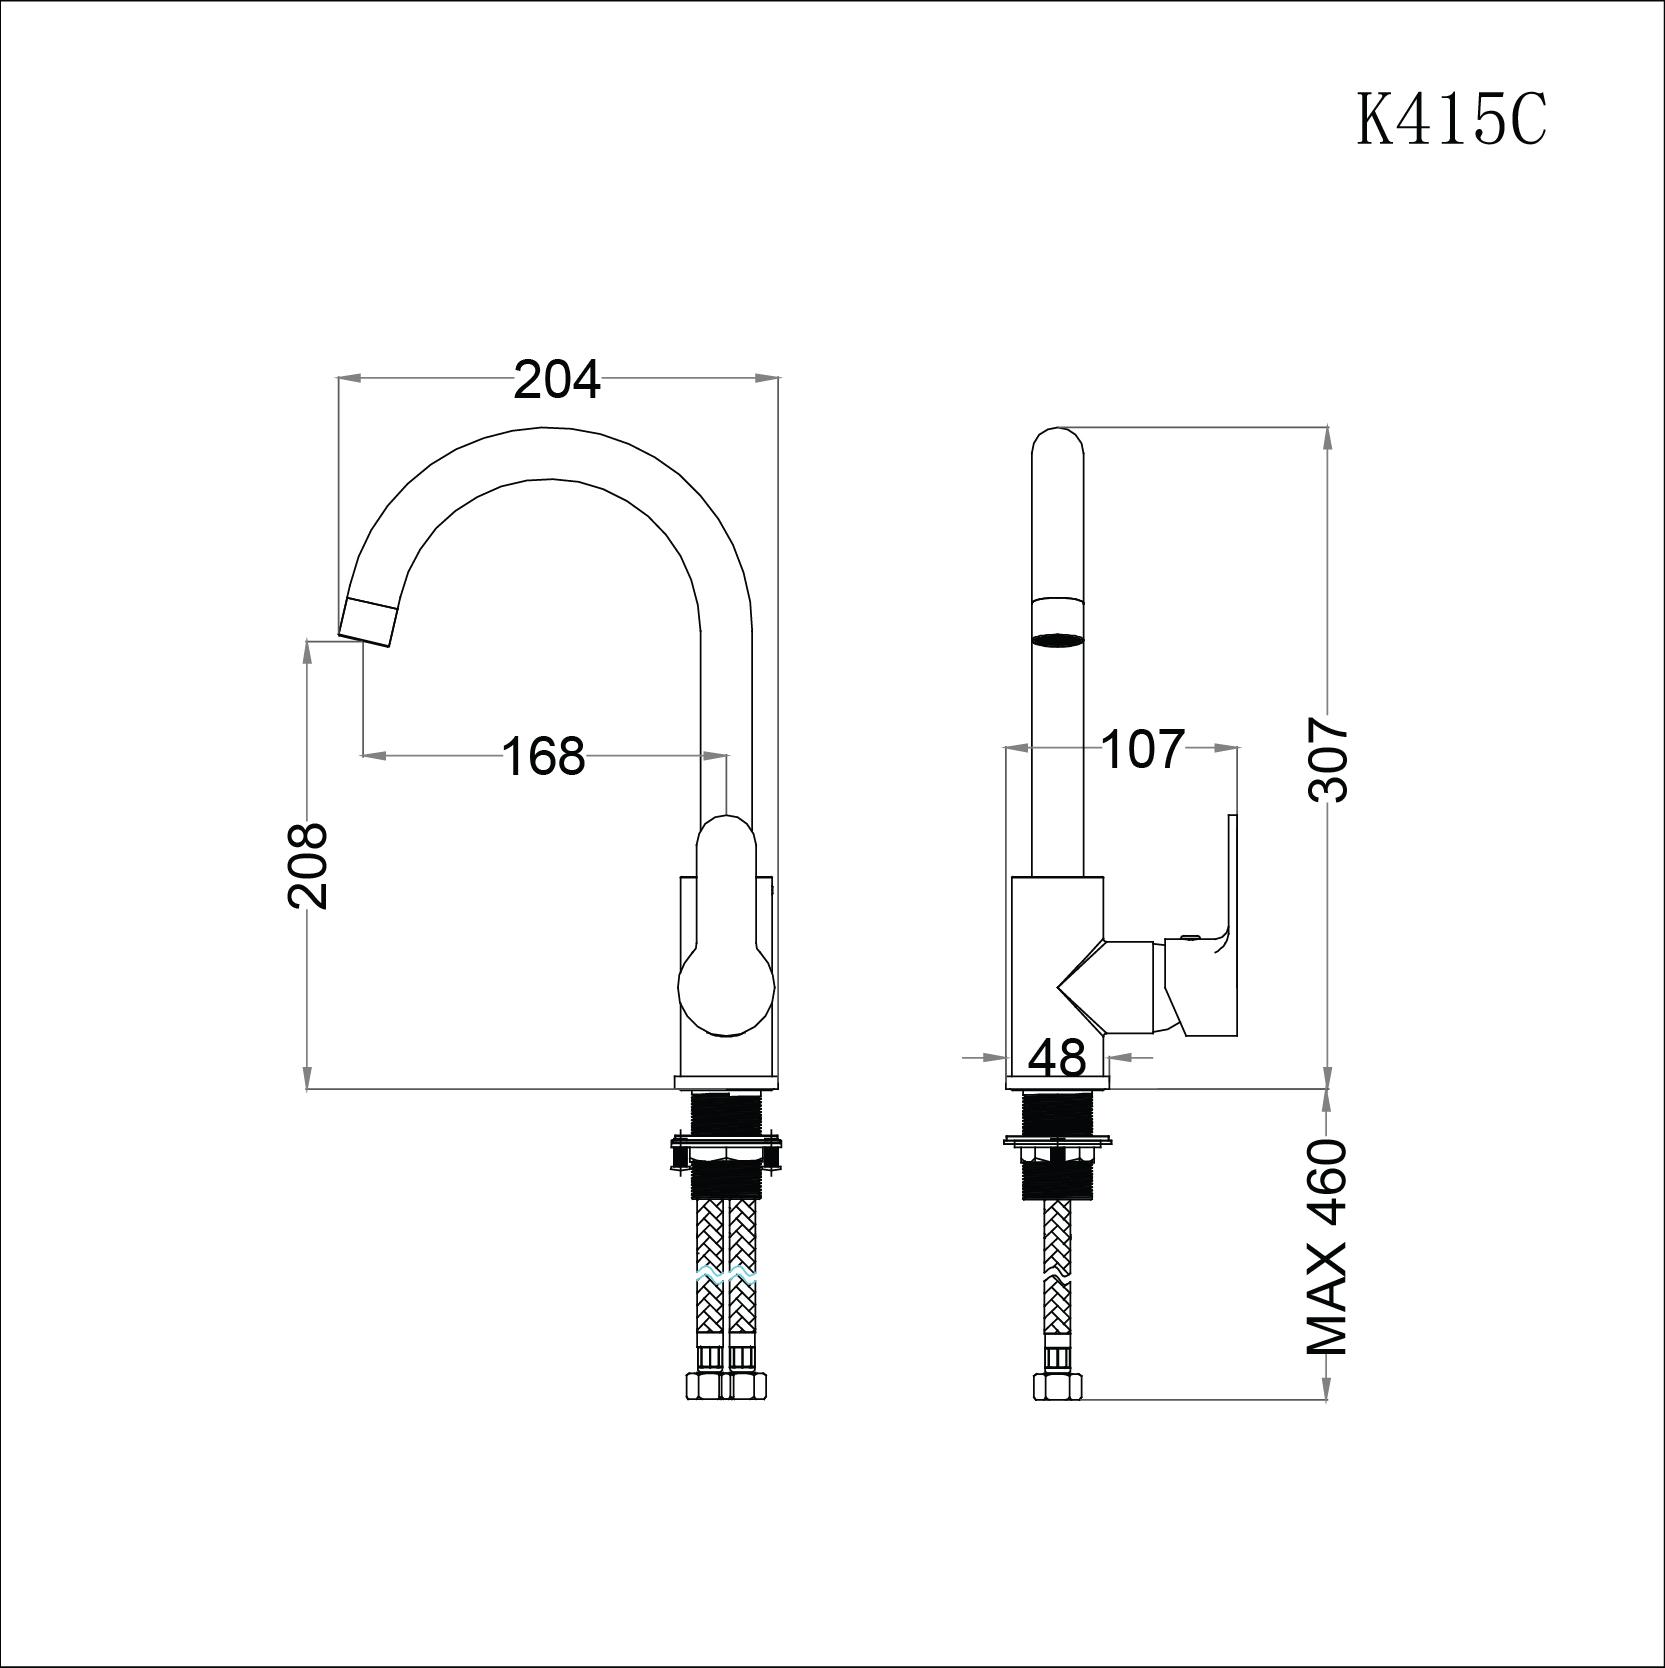 Vòi rửa bát (chén) nóng lạnh gắn chậu cổ cao 307 mm - Caesar K415C